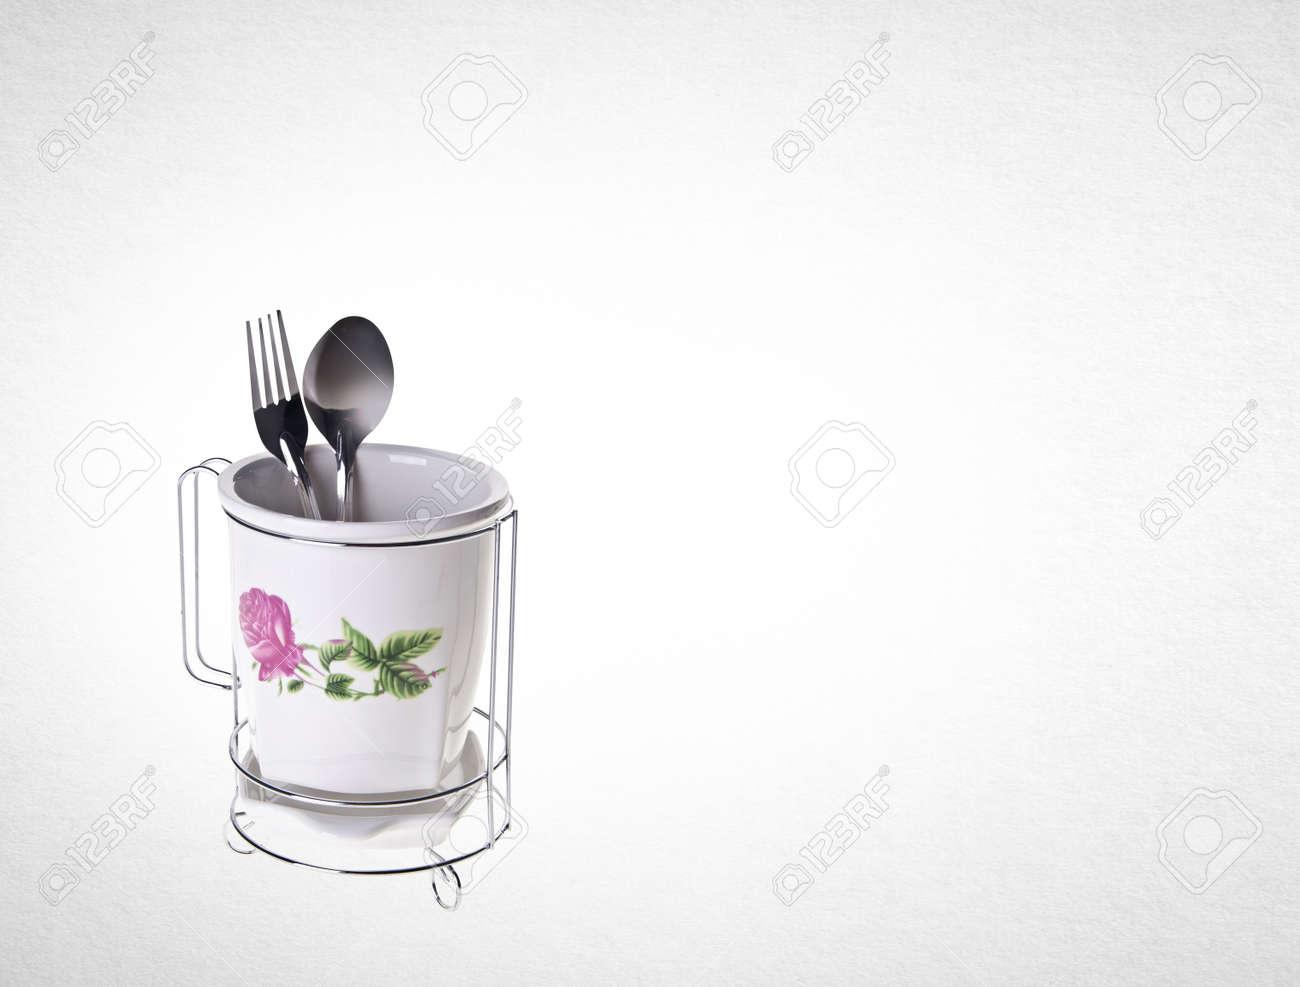 Utensili da cucina o utensili da cucina di alta qualità sullo sfondo